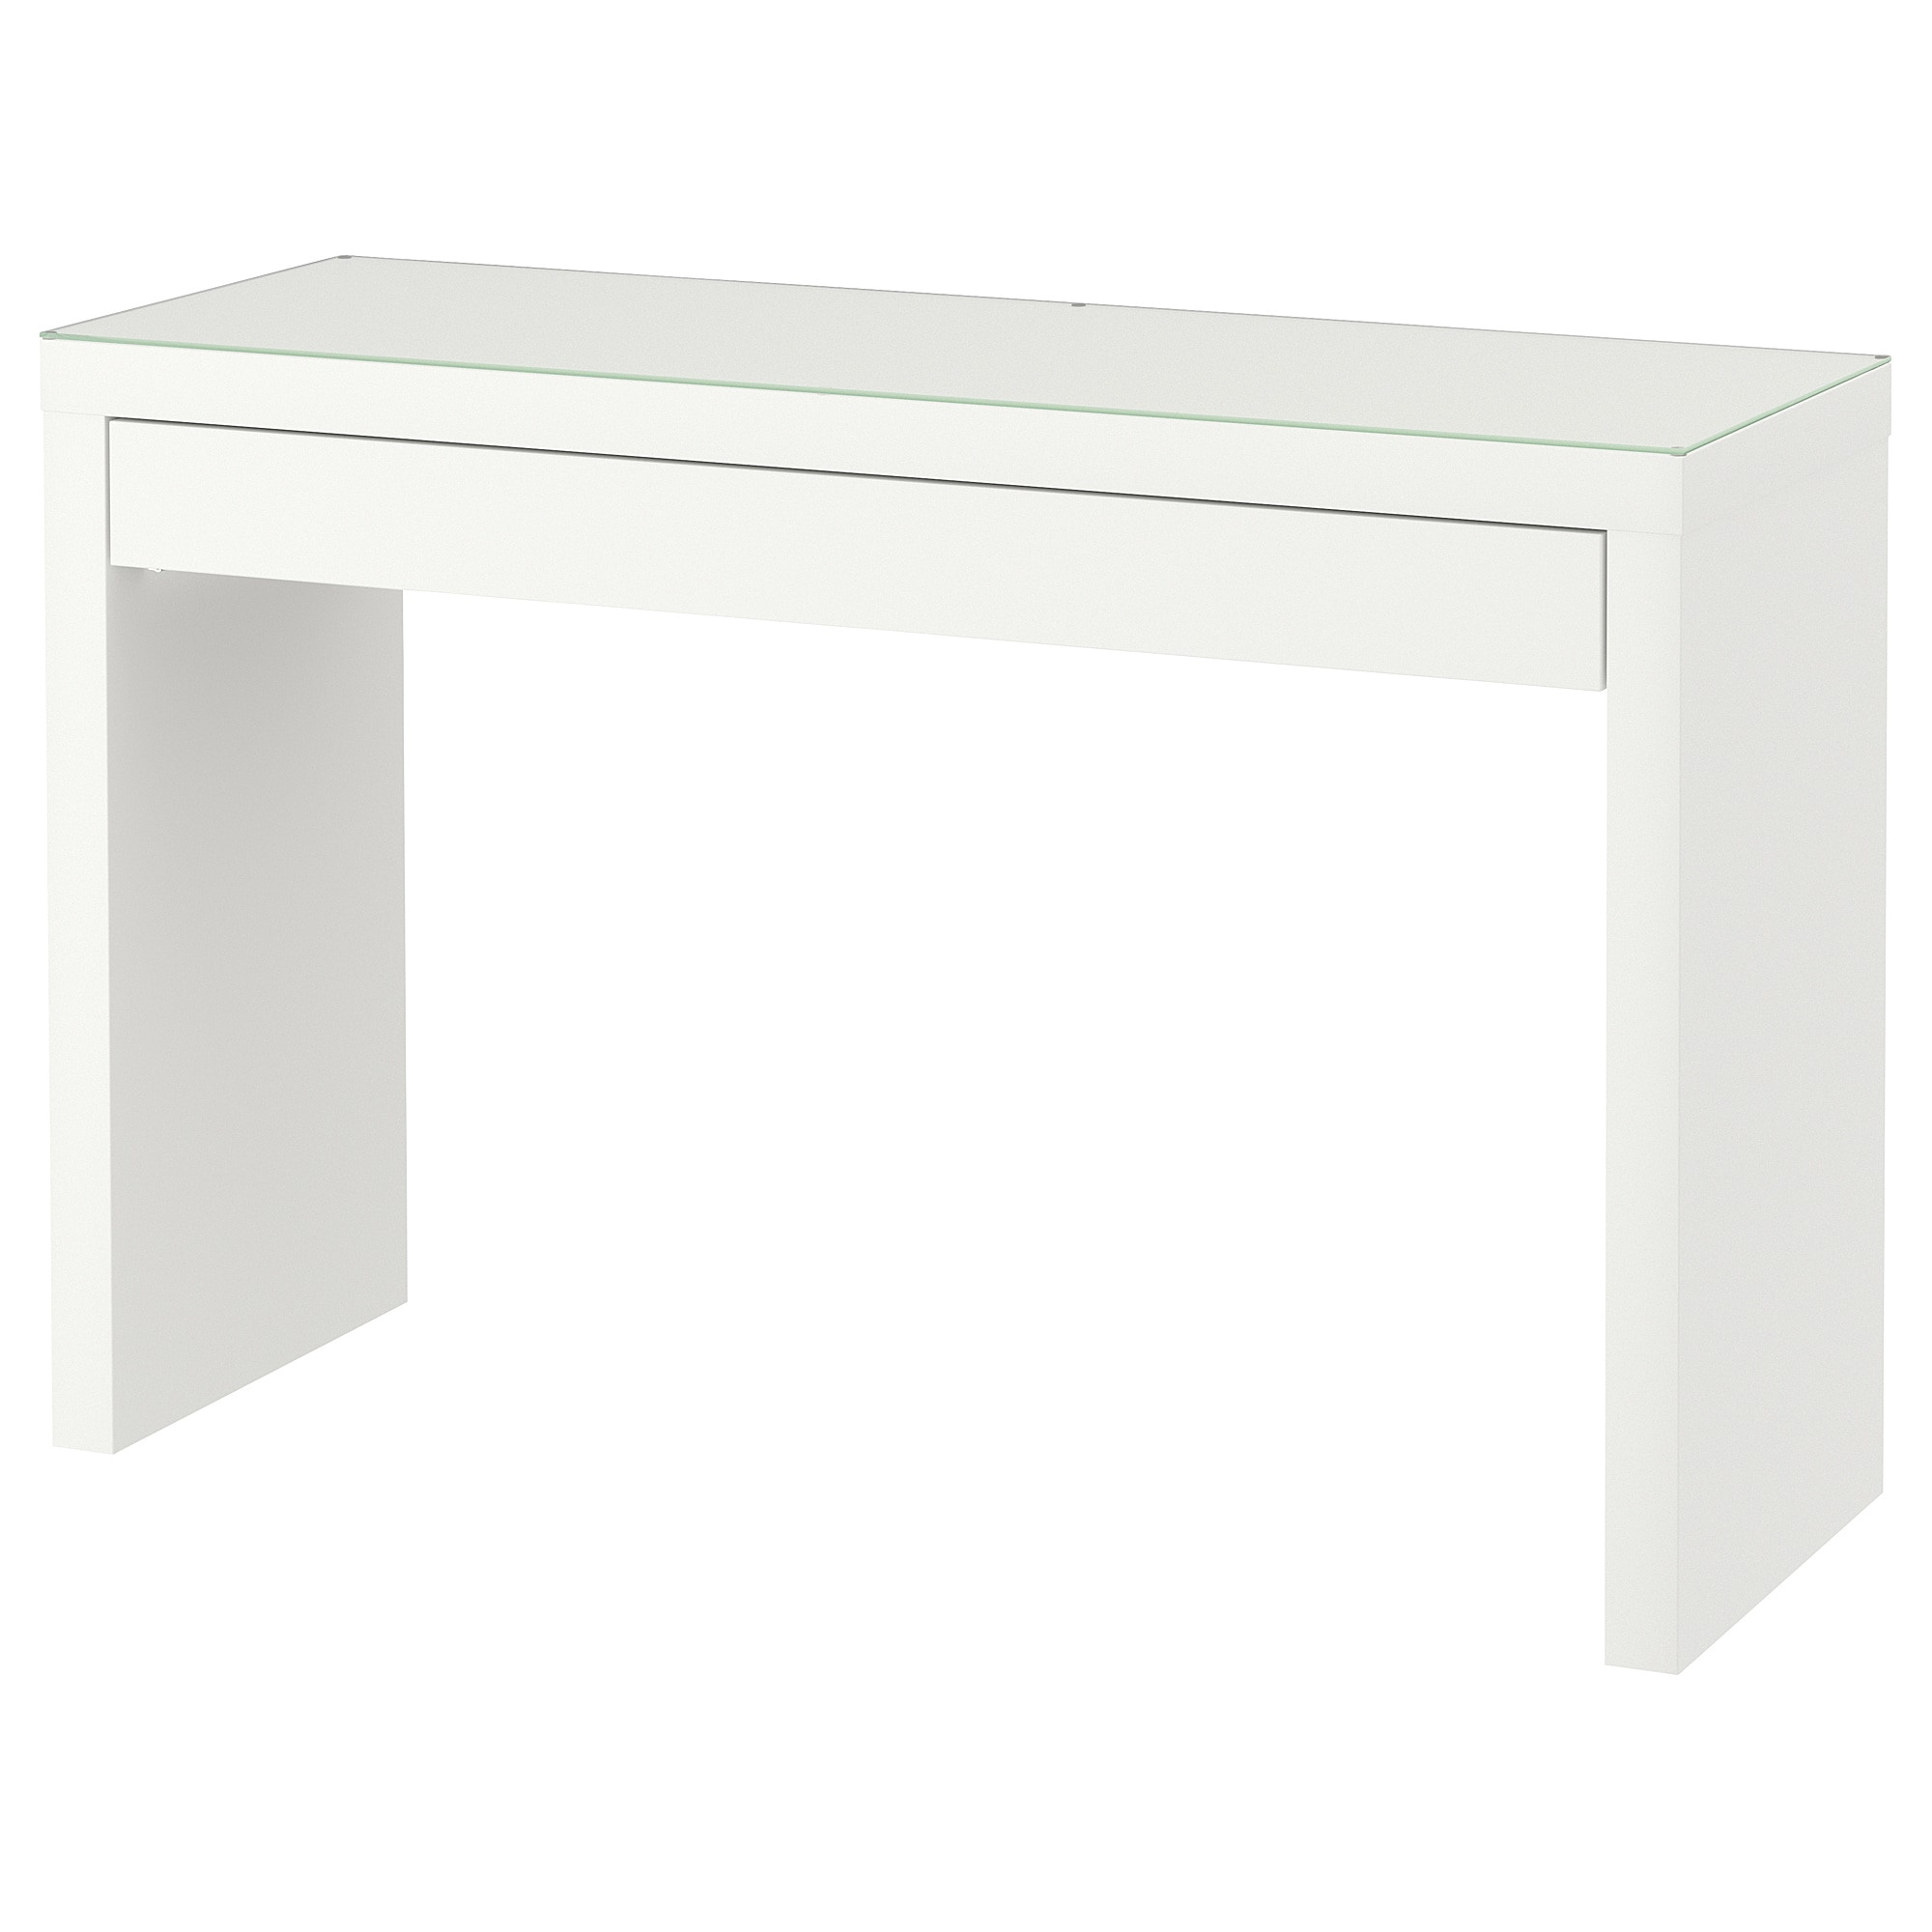 malm table